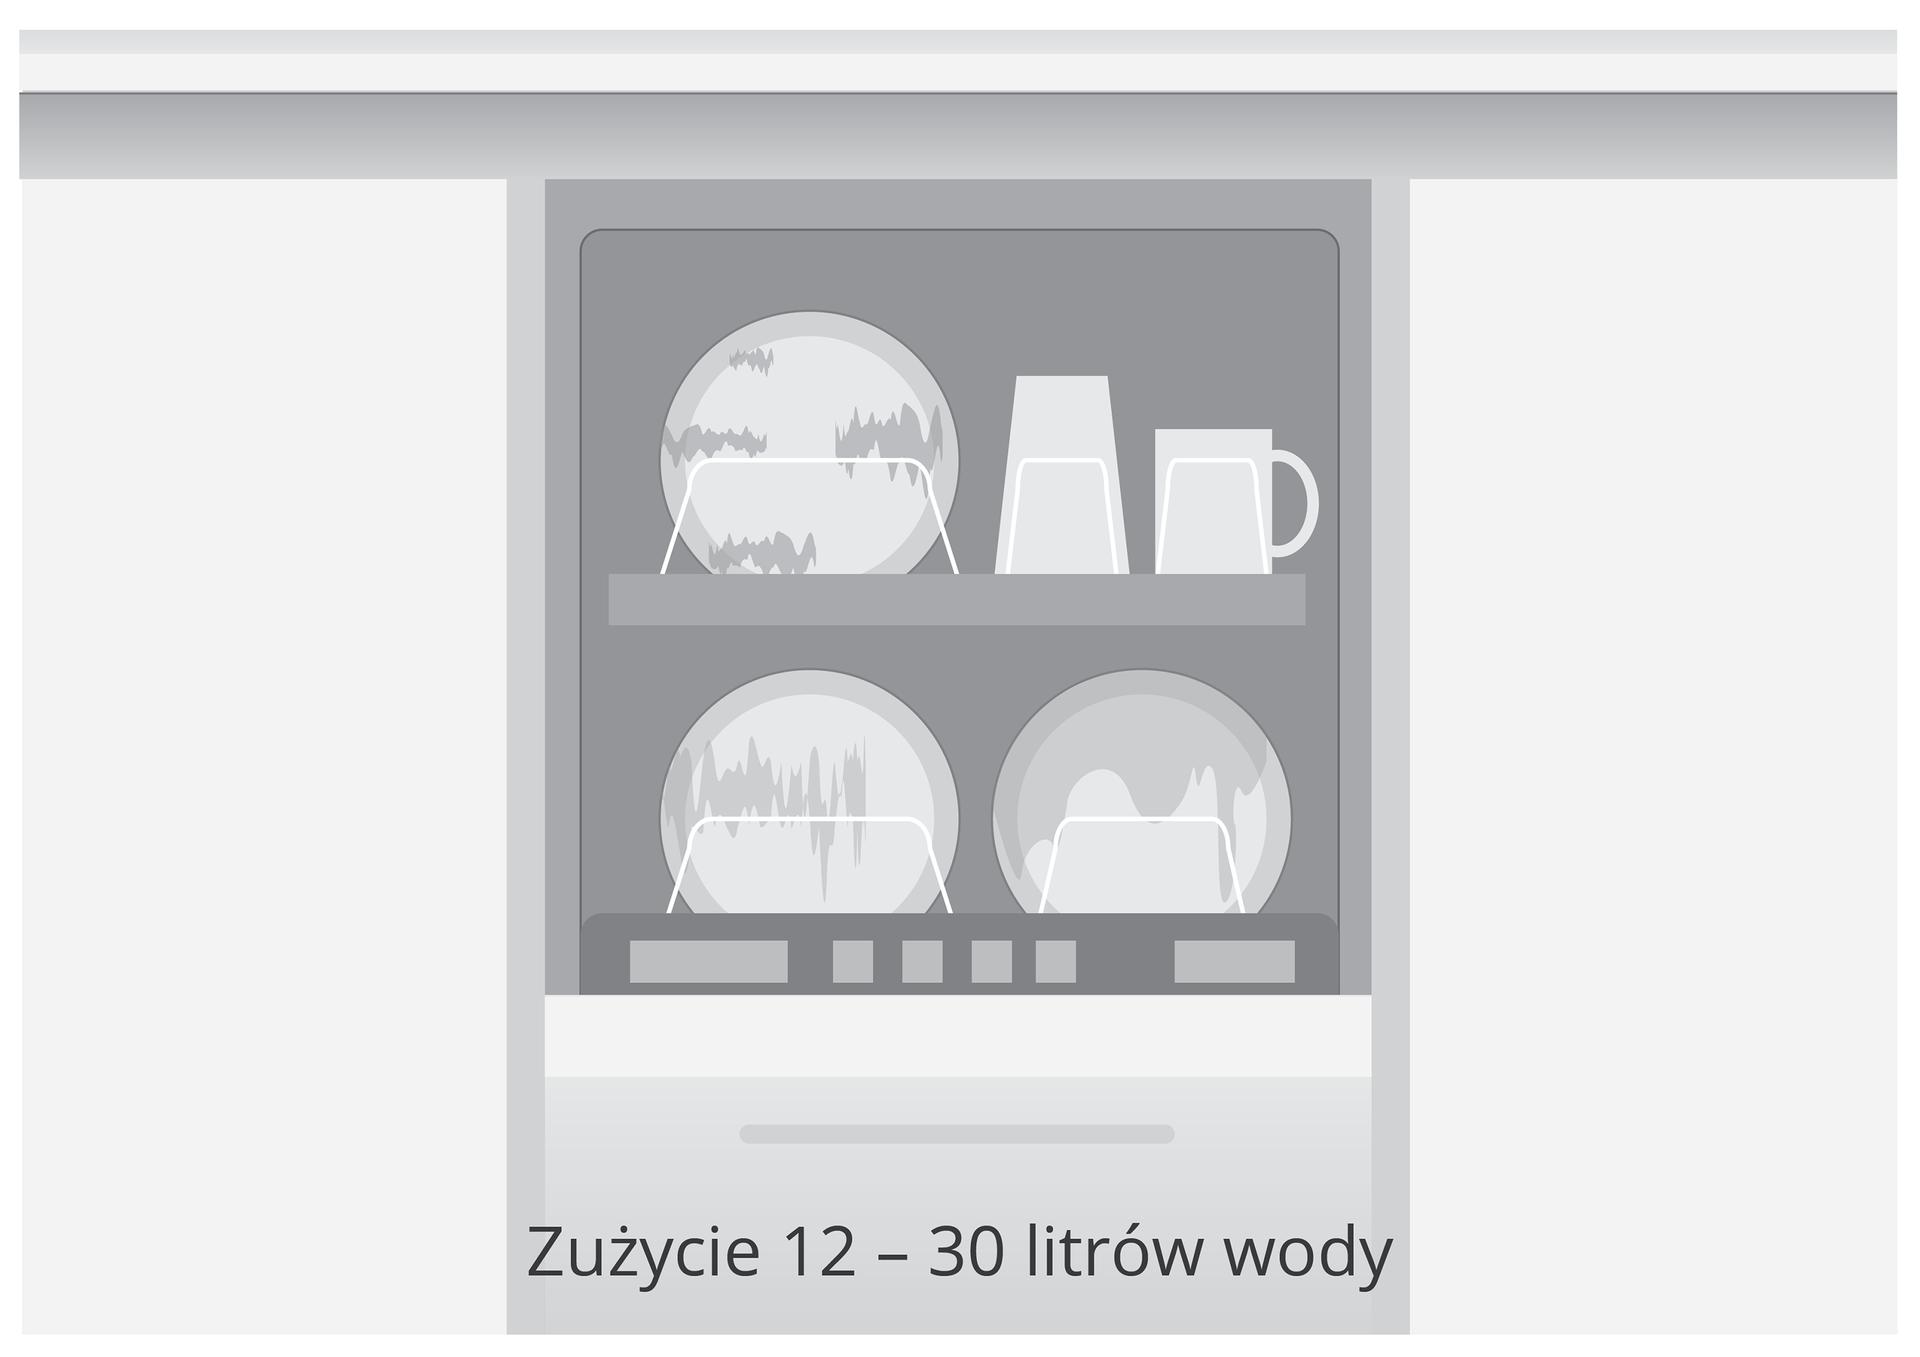 Czwarta ilustracja wgalerii. Przedstawia czarno biały rysunek otwartej zmywarki do naczyń wypełnionej brudnymi naczyniami. Zapis na obrazku głosi: Zużycie od dwunastu do trzydziestu litrów wody.